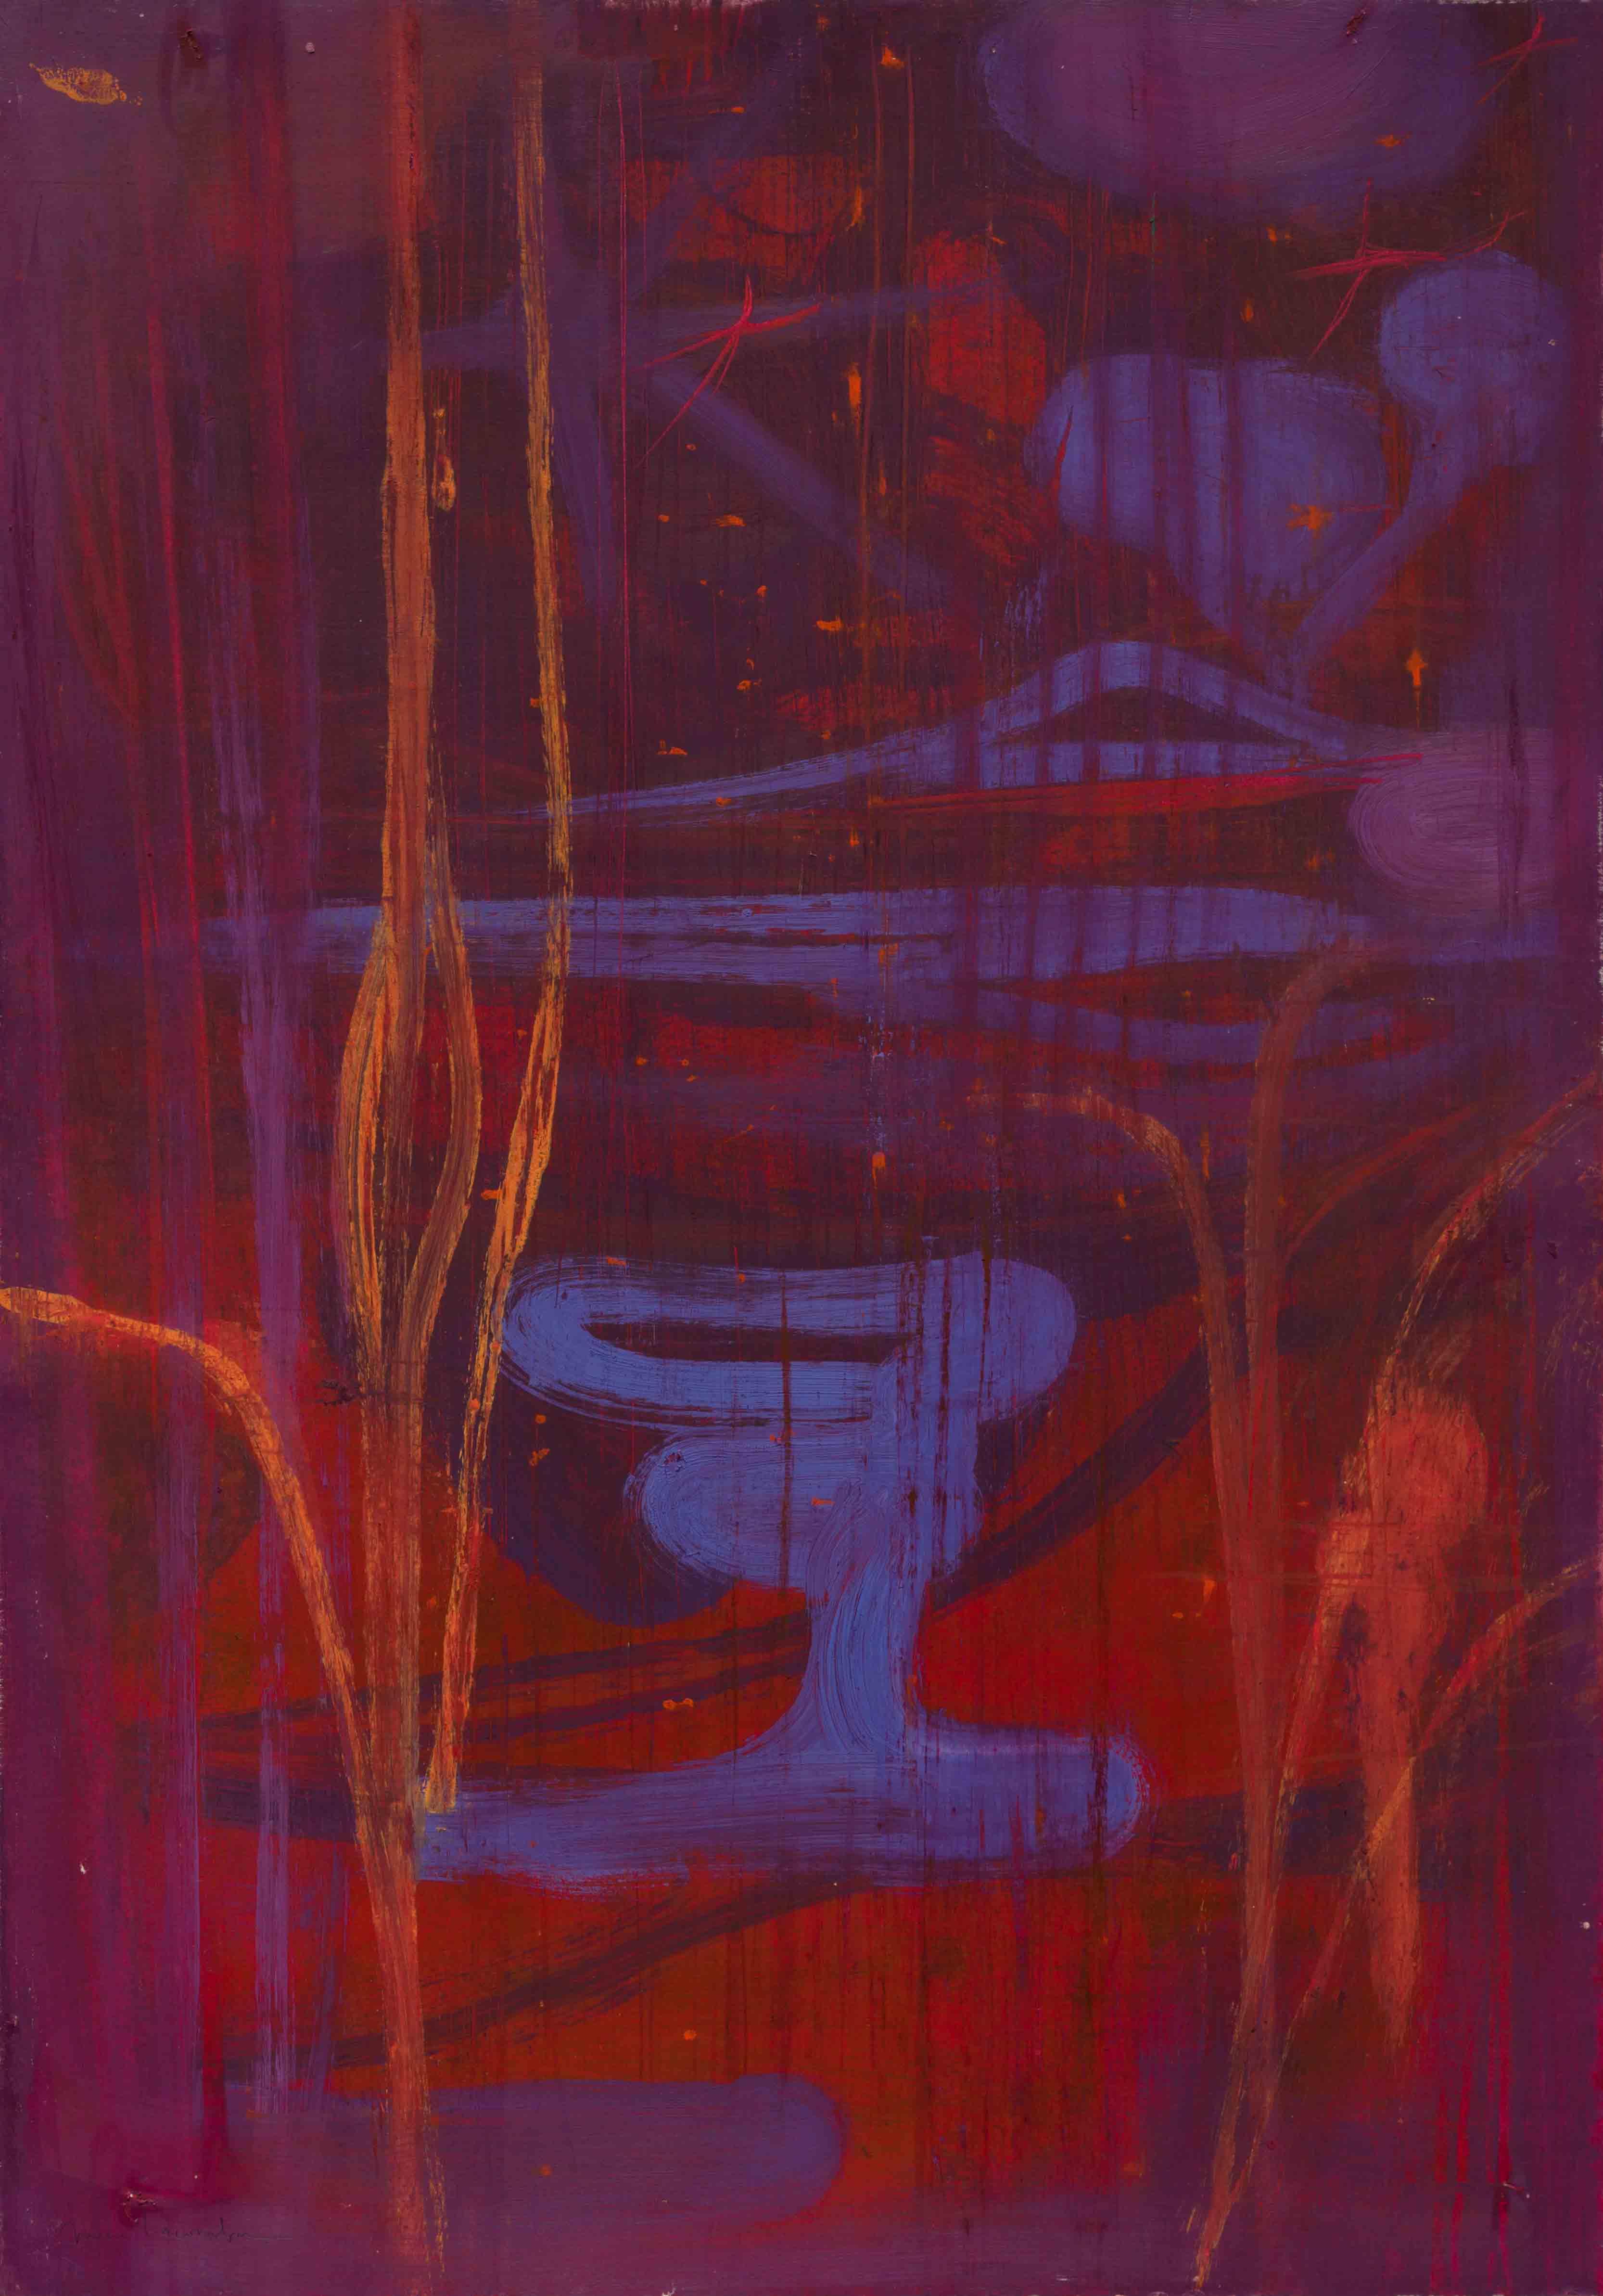 2011 Cerro y laguna en rojo, 2